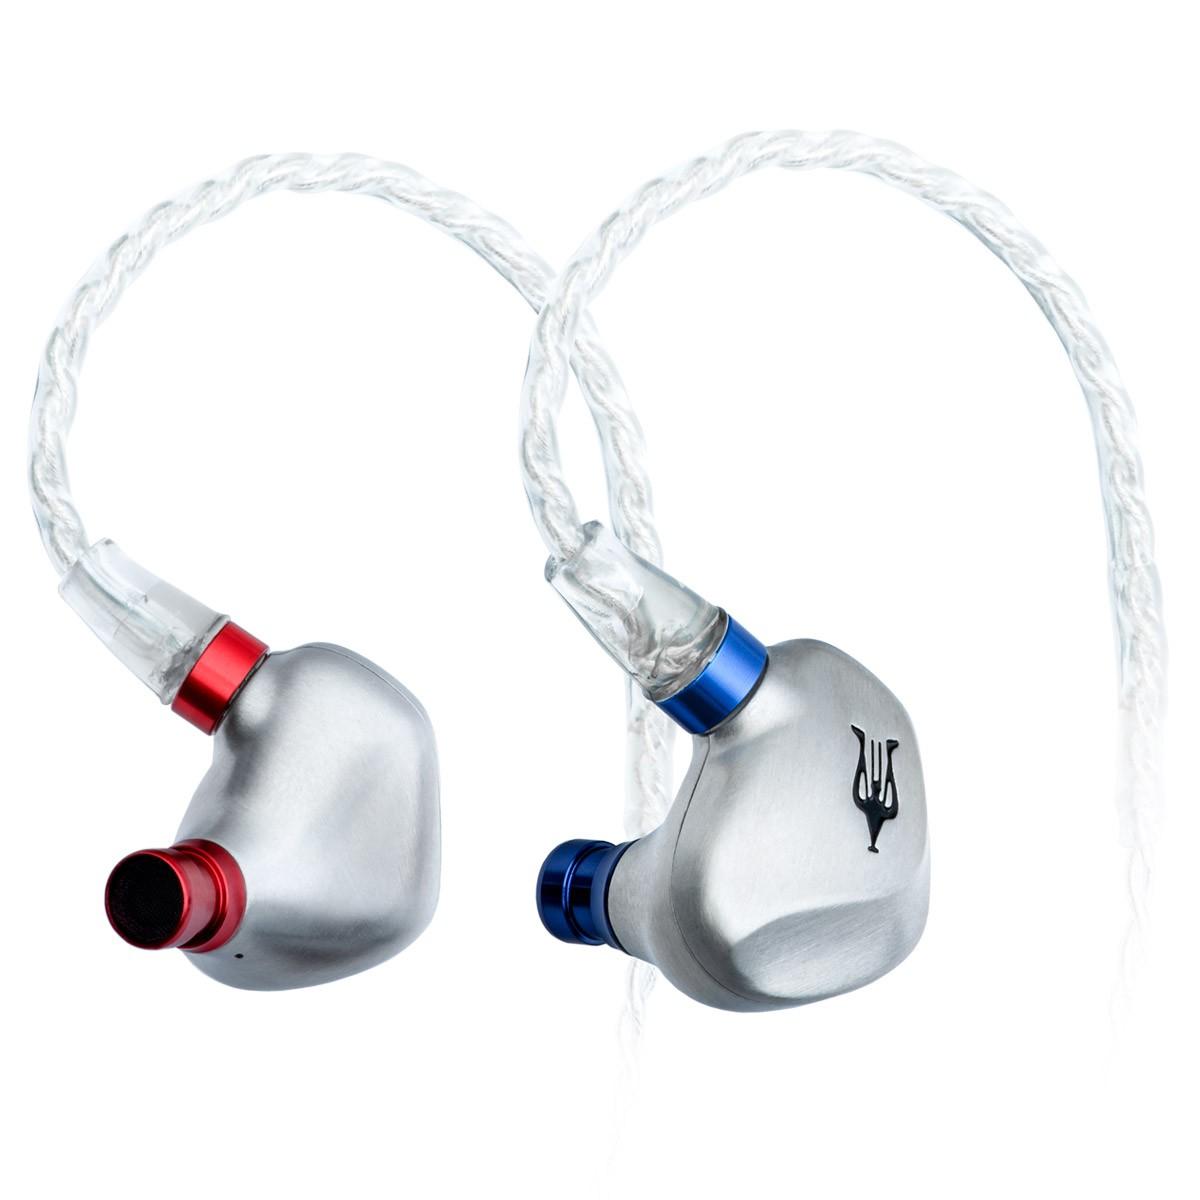 MEZE RAI SOLO In-Ear Monitors IEM UPM Driver Ø9.2mm 16 Ohm 105dB 18Hz - 22kHz